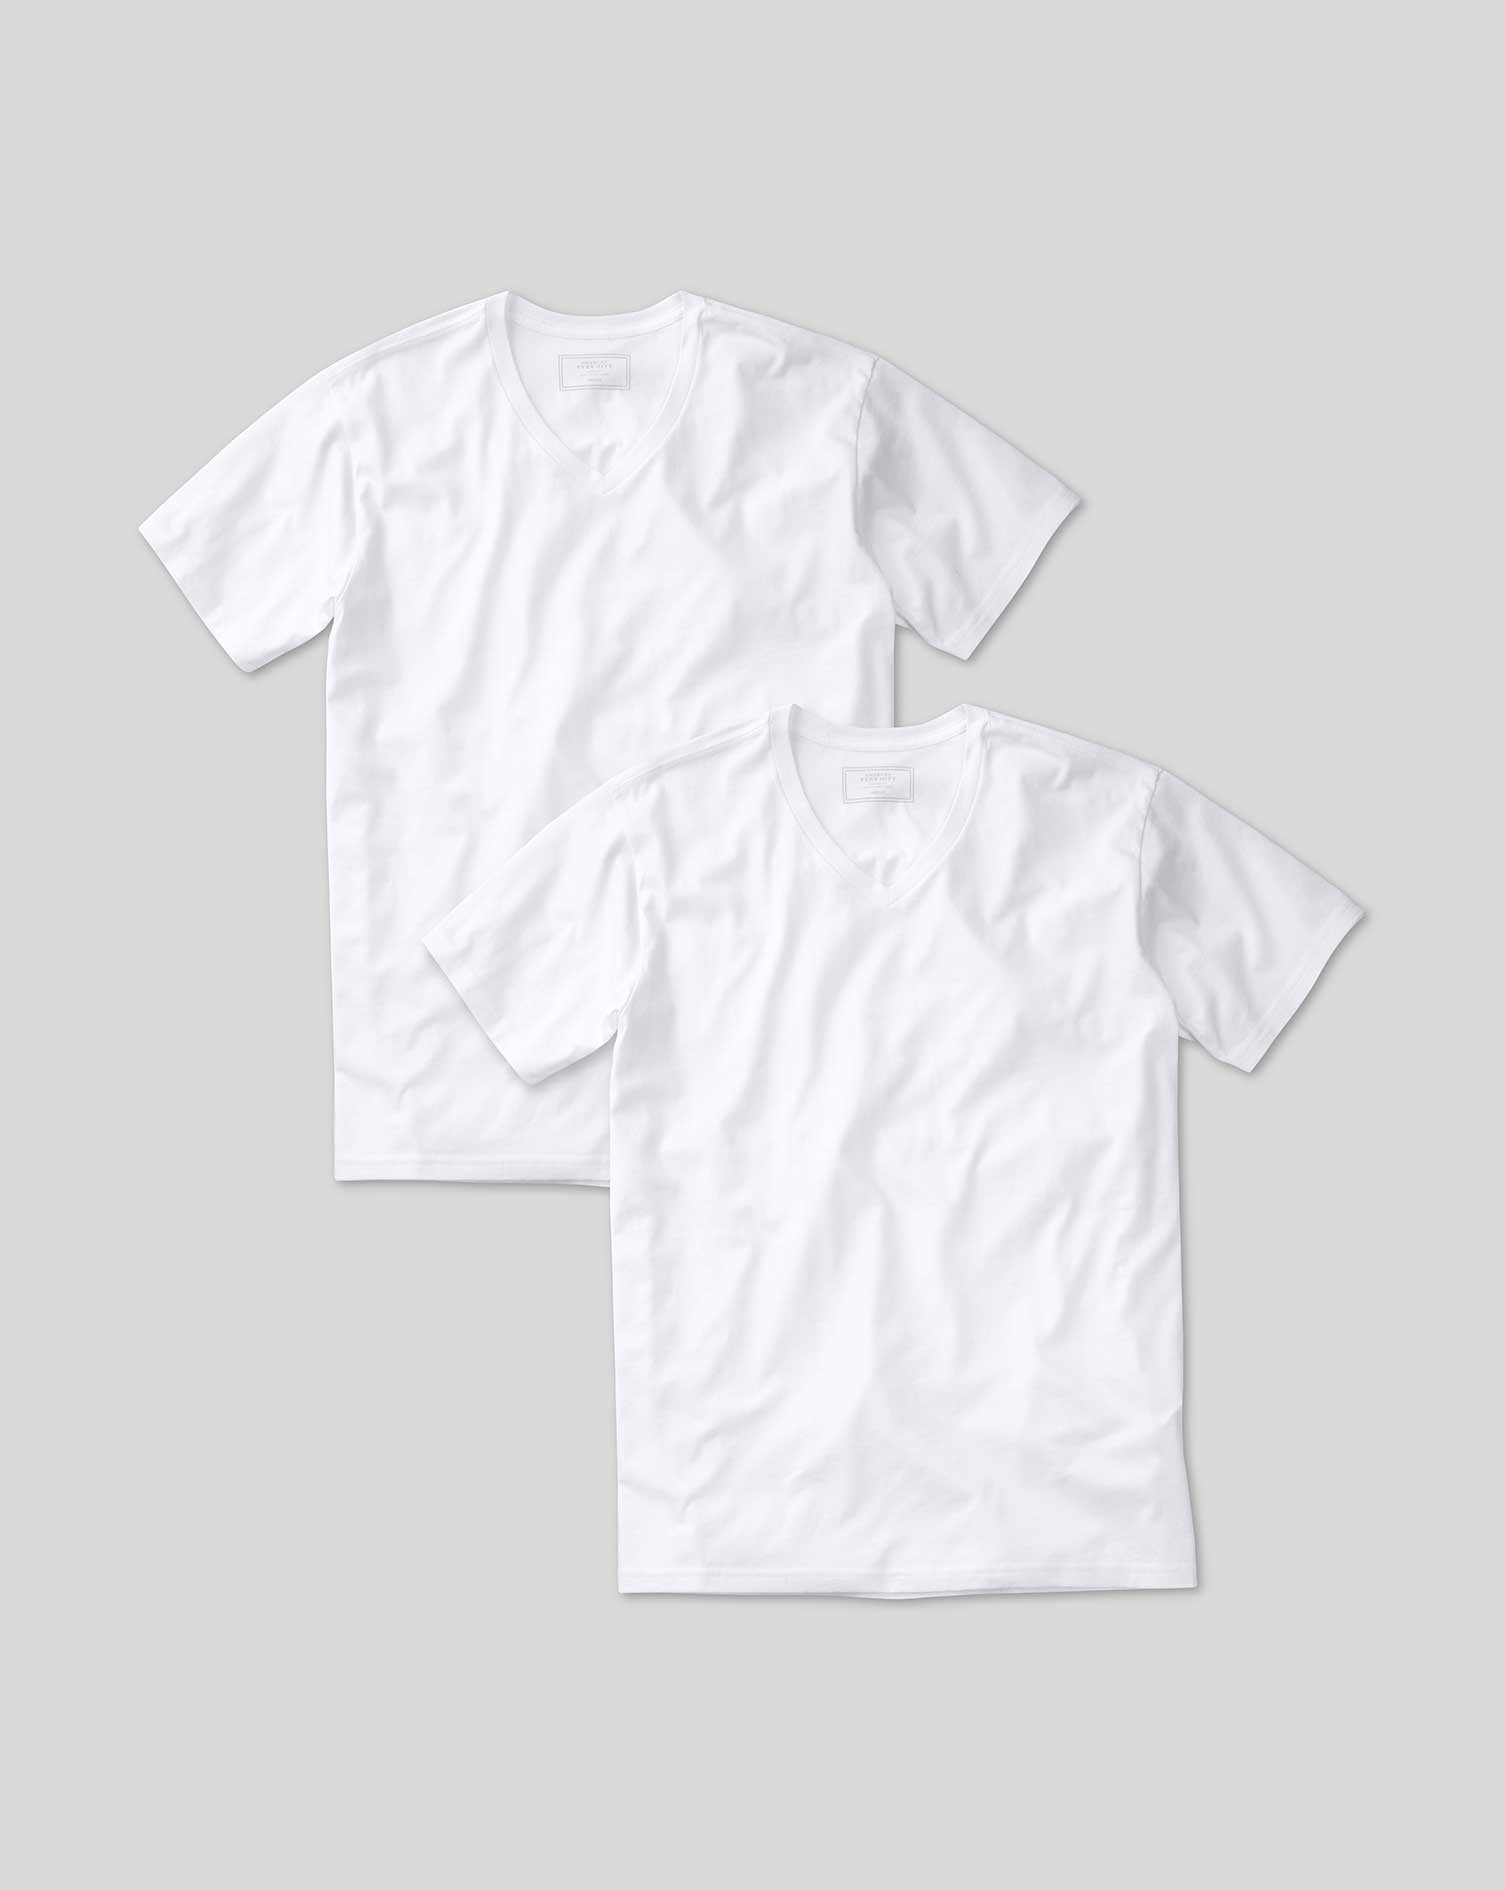 Image of Charles Tyrwhitt 2 Pack V-Neck Undershirt T-Shirt - White Size XS by Charles Tyrwhitt